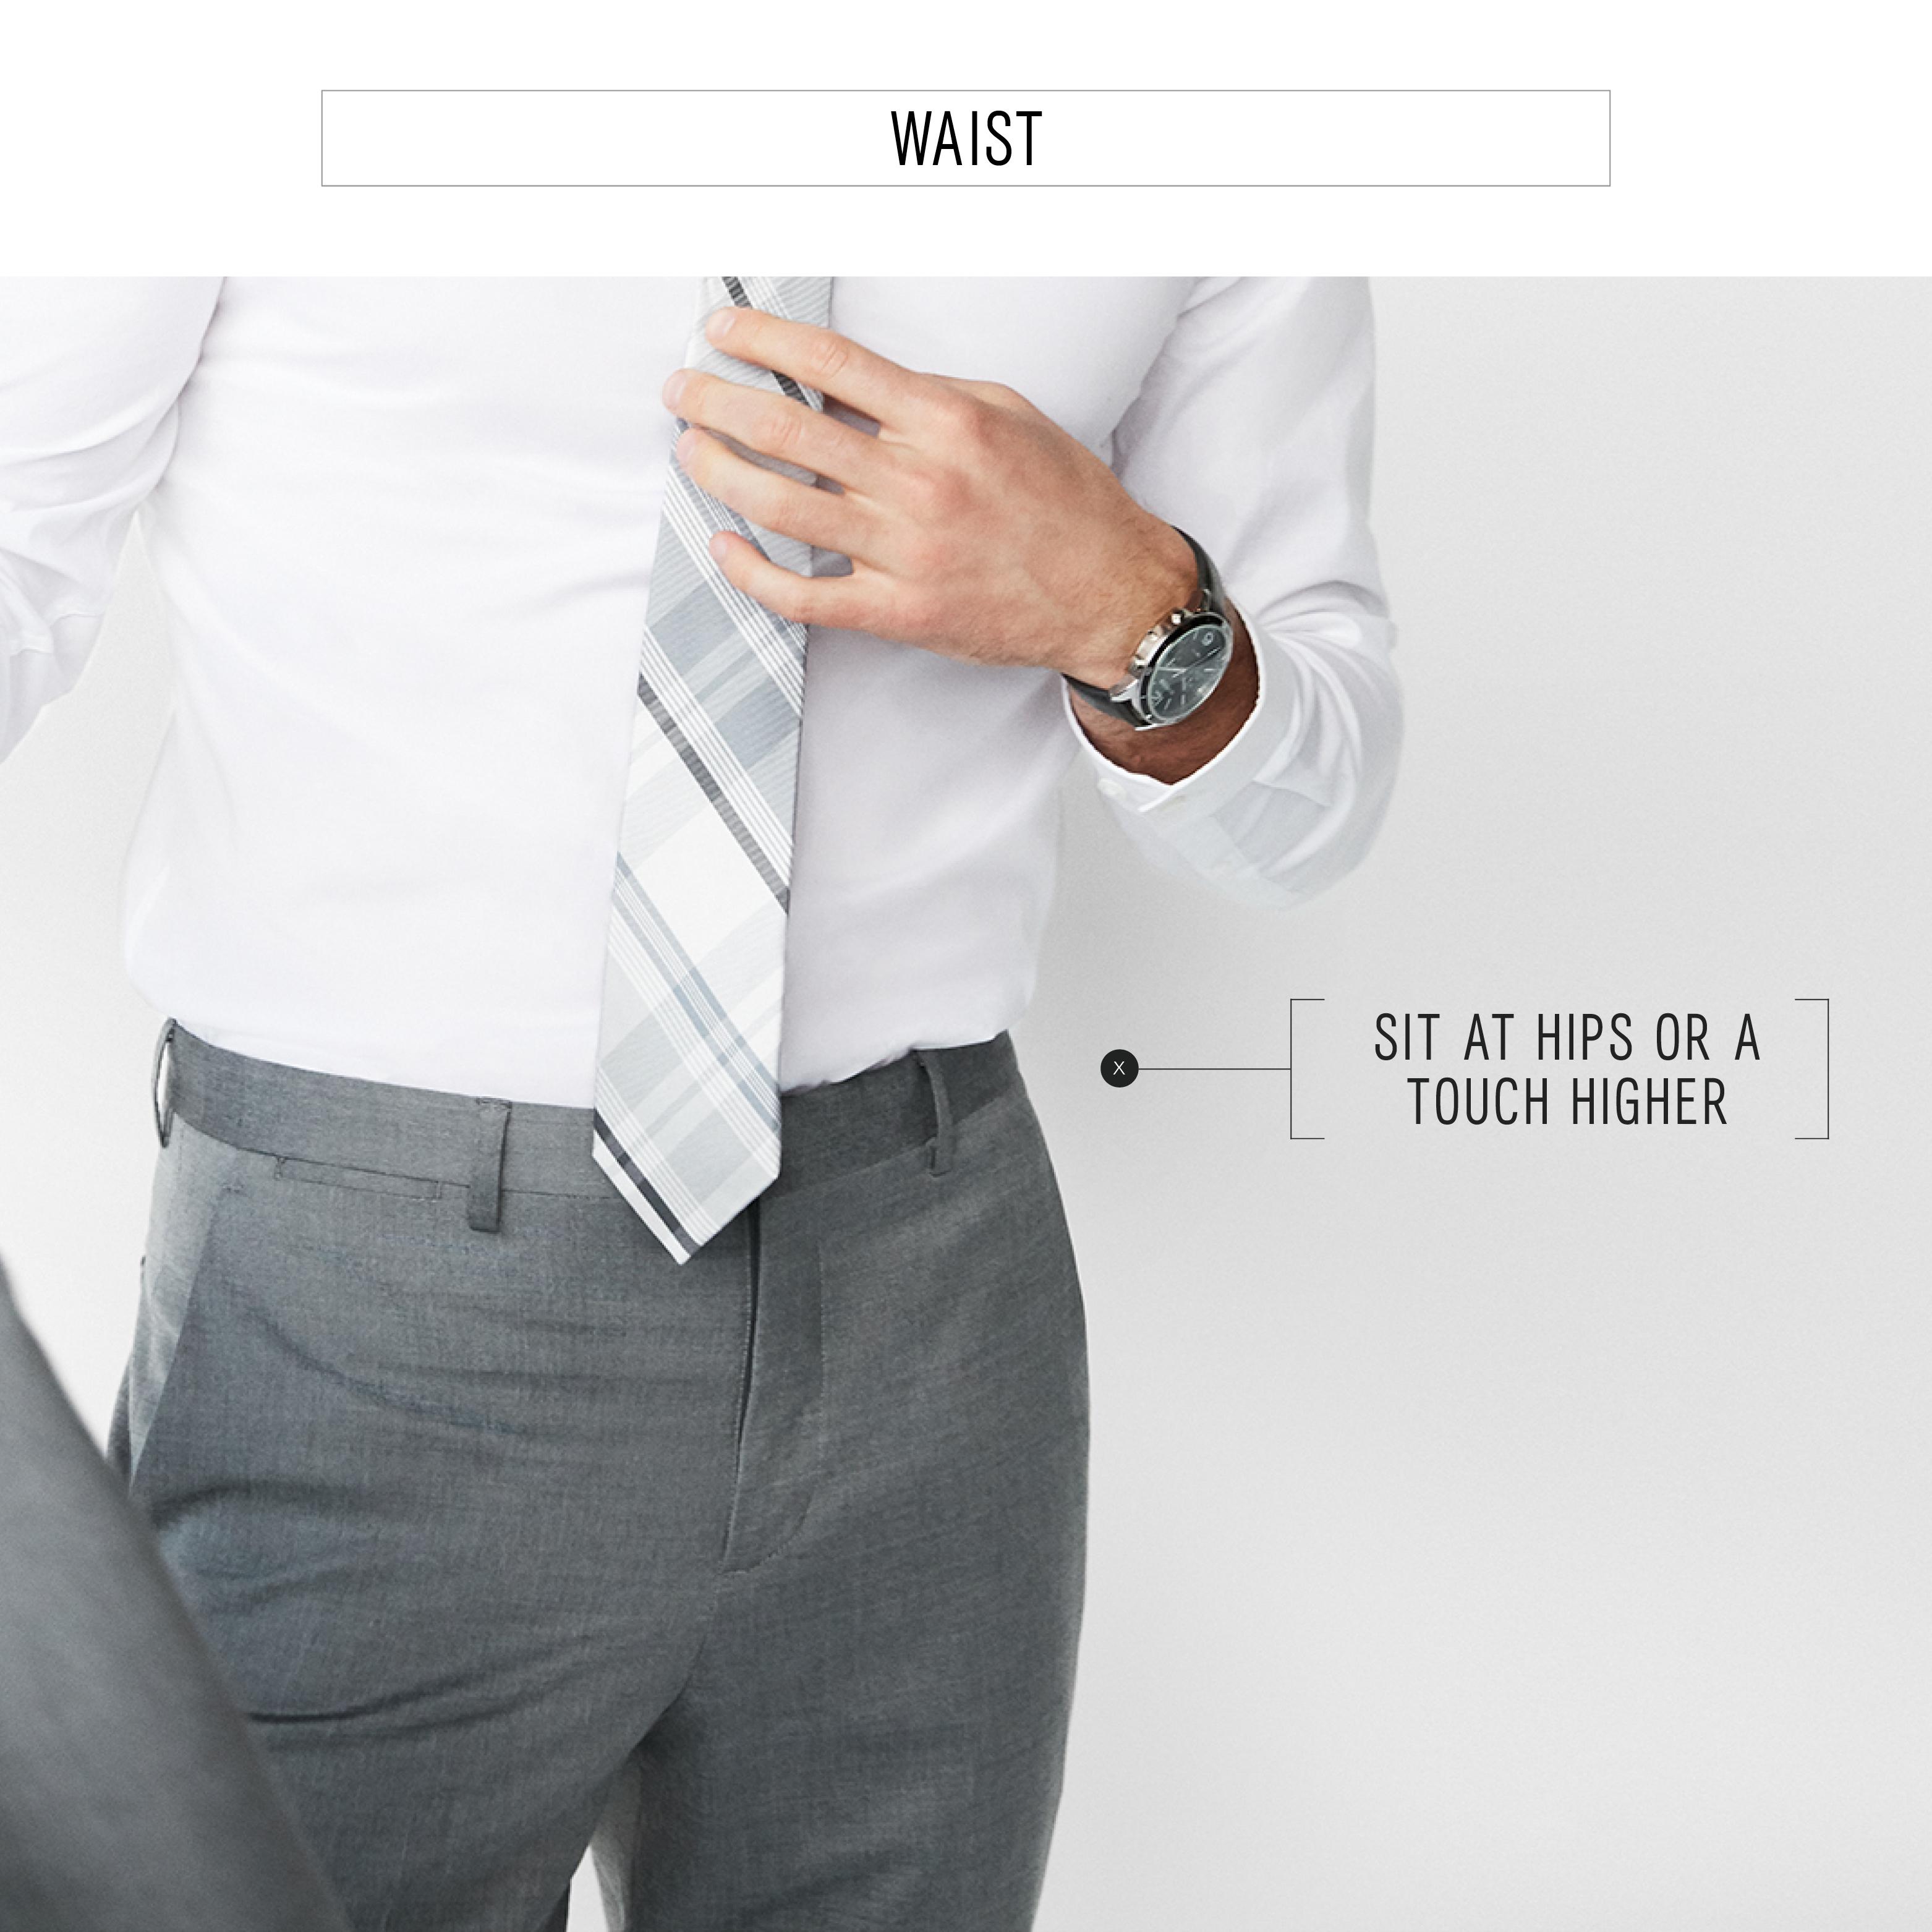 how-to-wear-dress-pants-waist